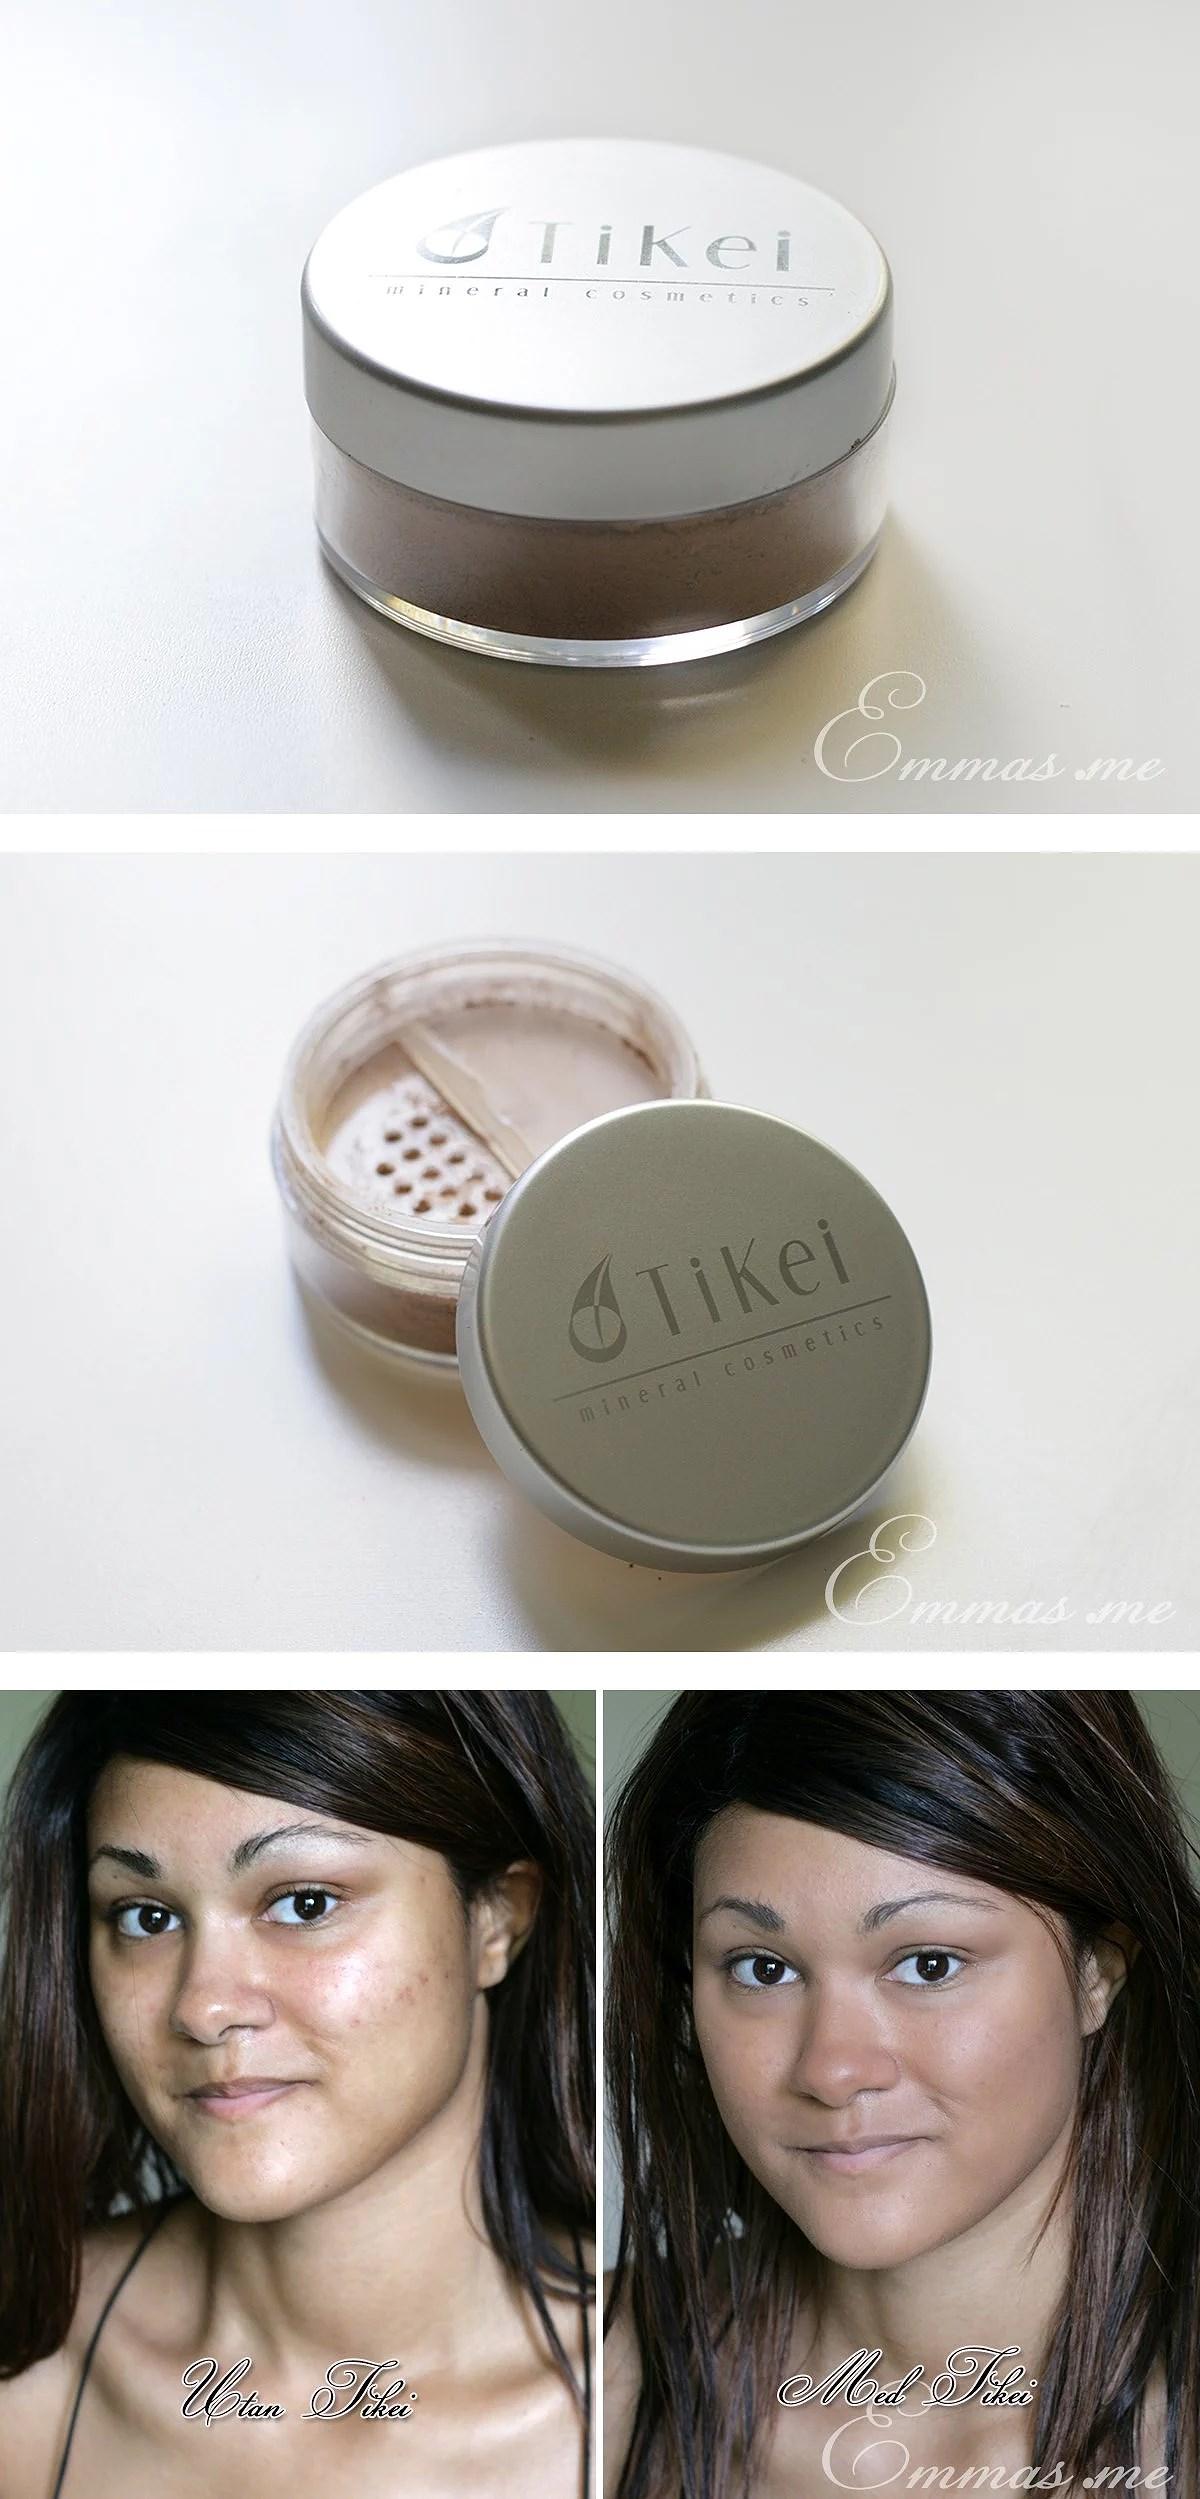 TiKei mineralpuder - Recension